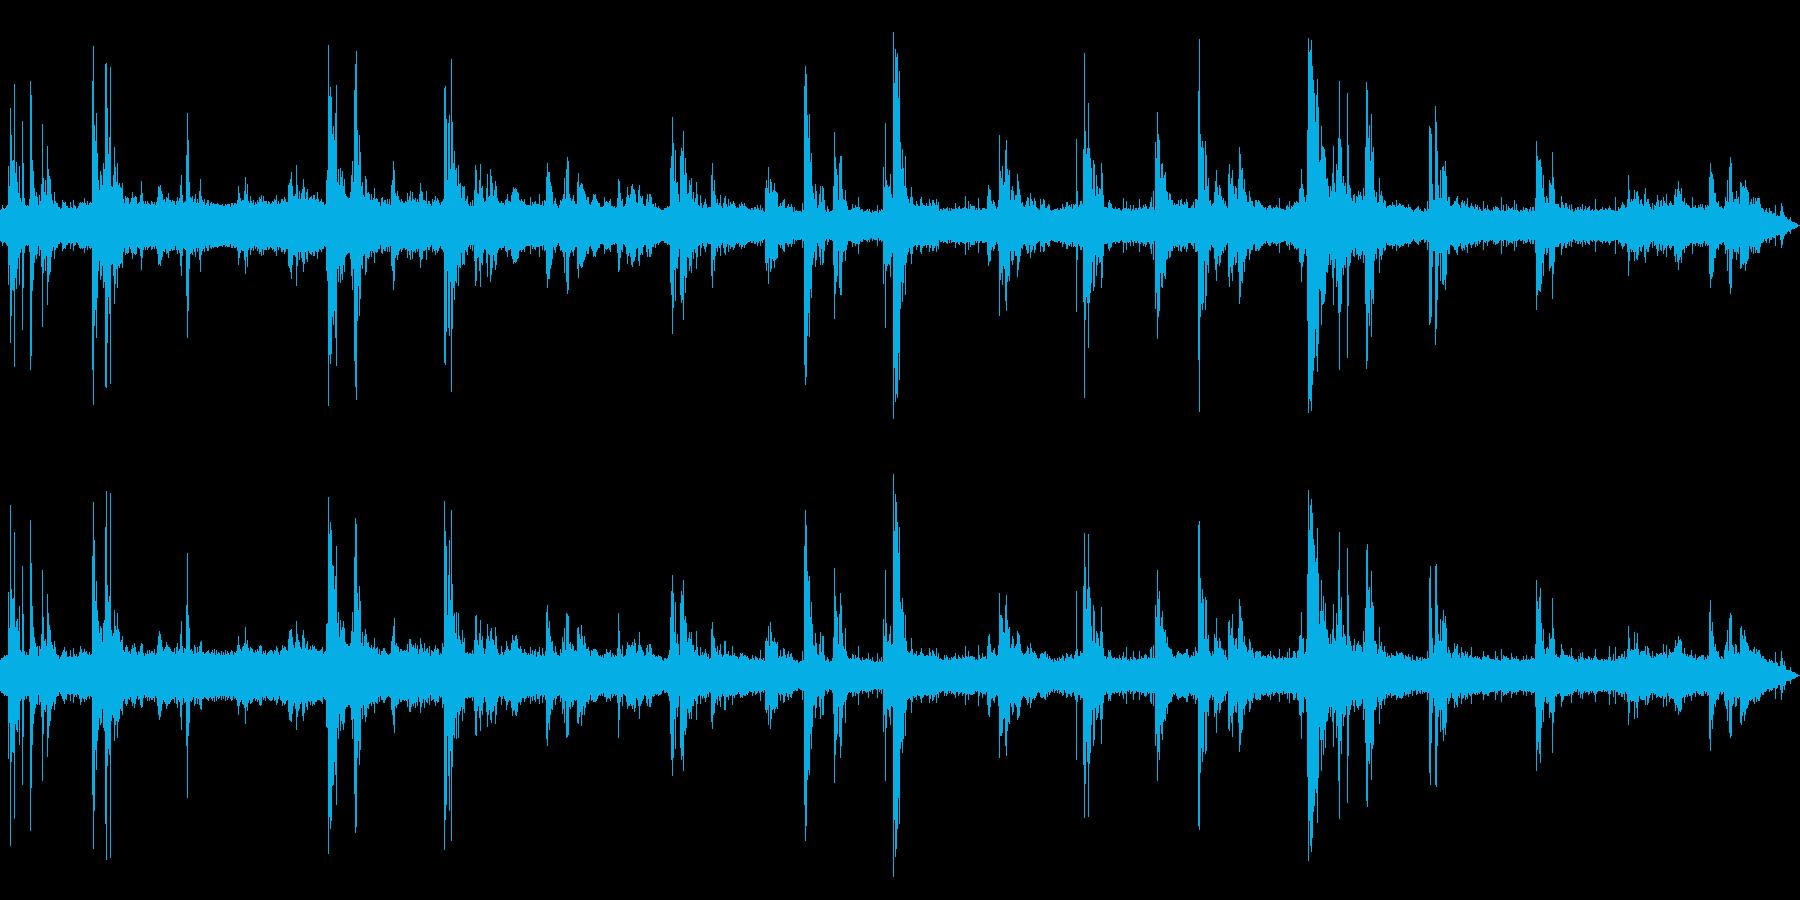 [生録音]大雷(ゲリラ豪雨)の環境音02の再生済みの波形